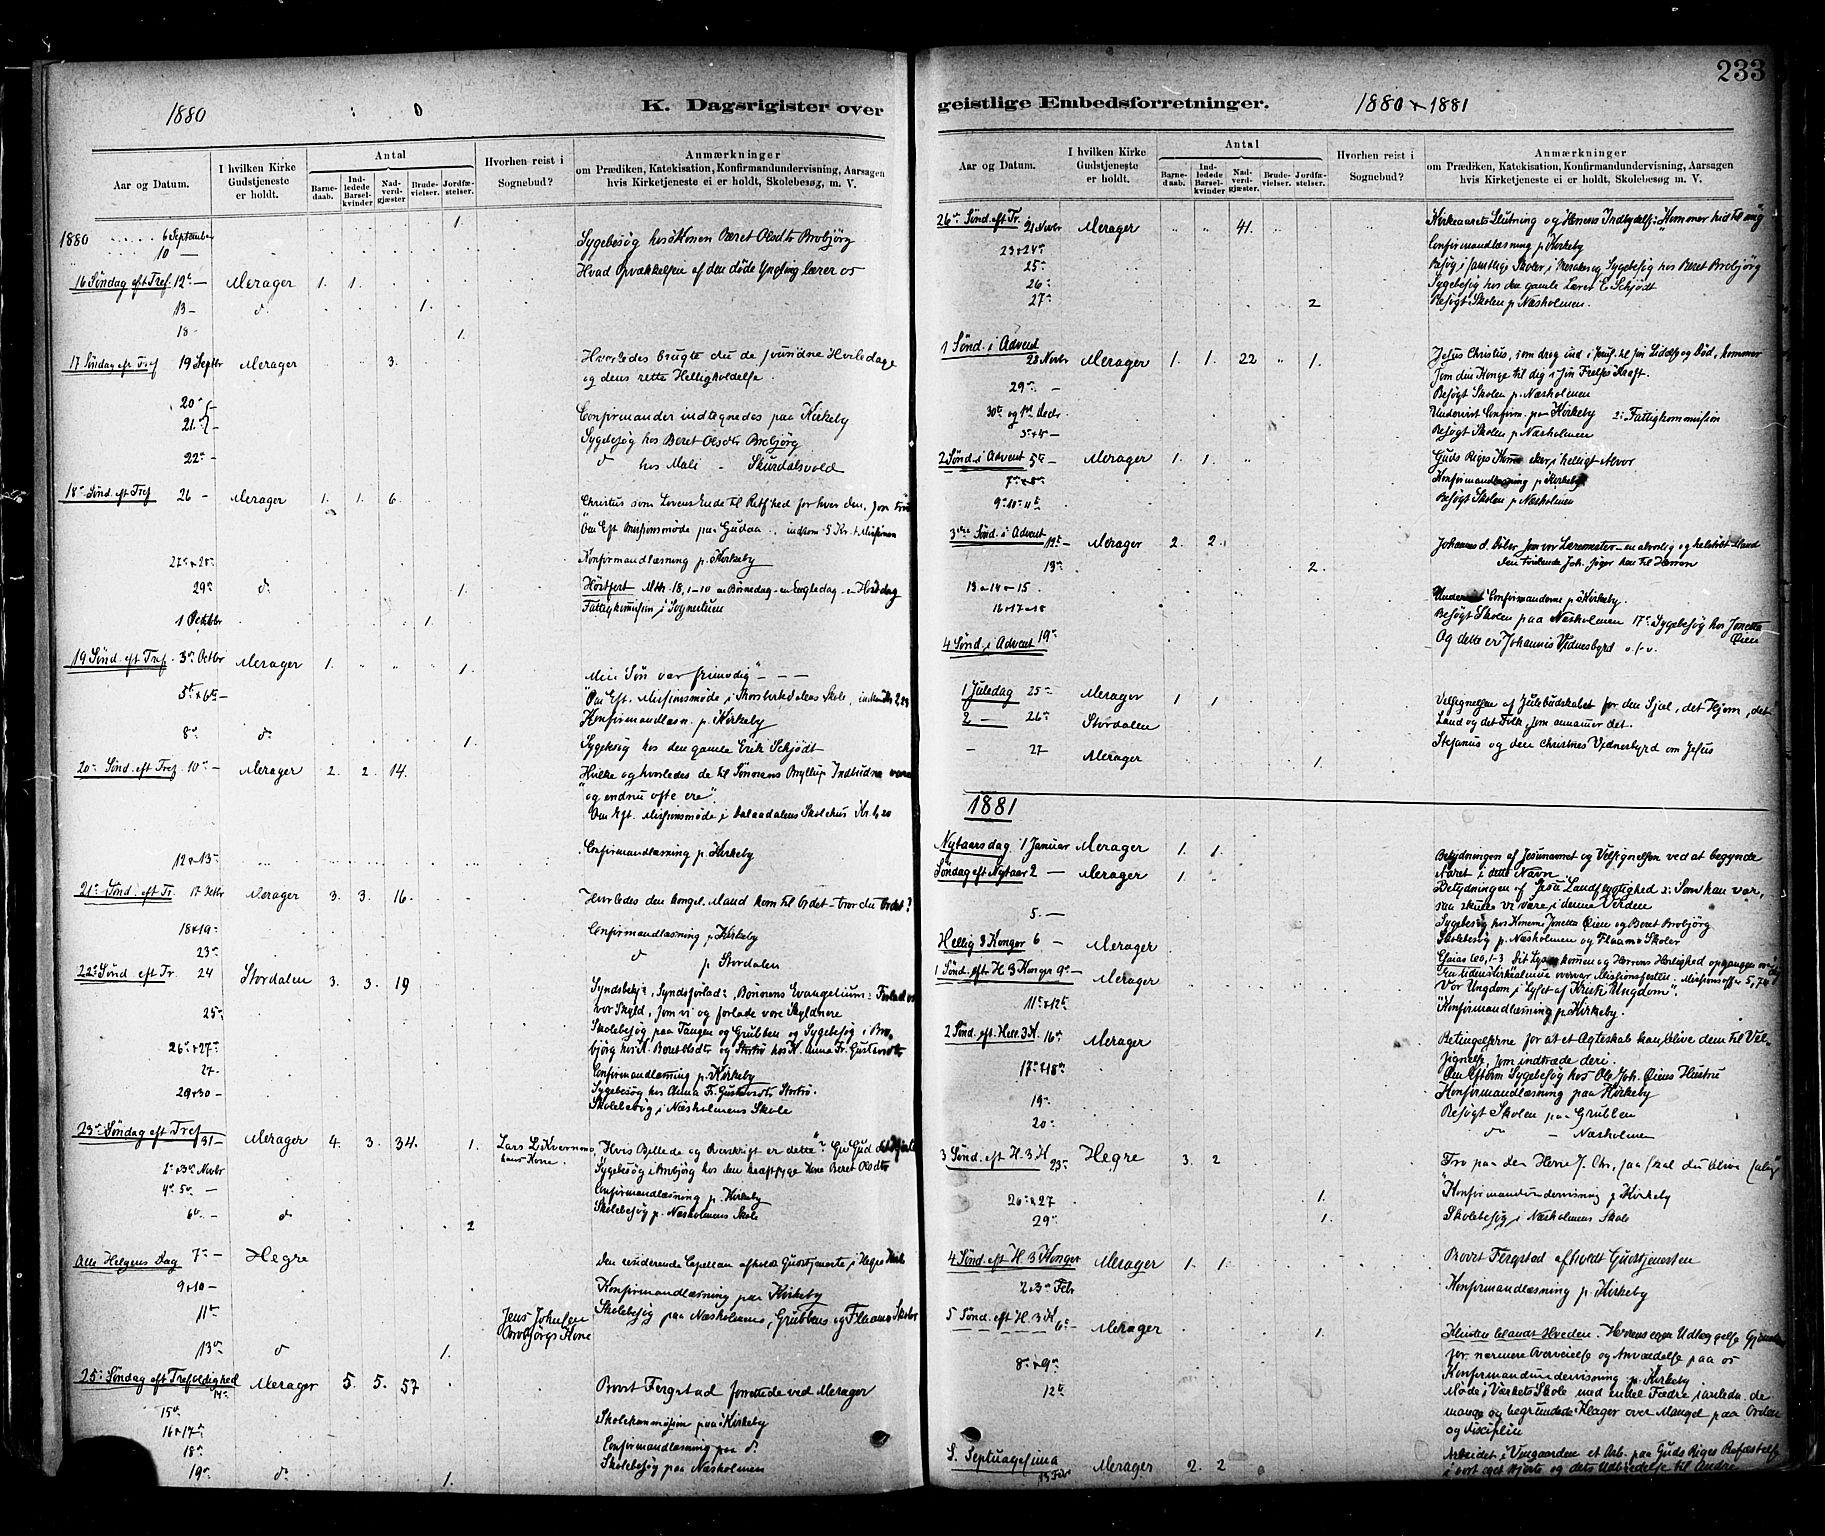 SAT, Ministerialprotokoller, klokkerbøker og fødselsregistre - Nord-Trøndelag, 706/L0047: Ministerialbok nr. 706A03, 1878-1892, s. 233